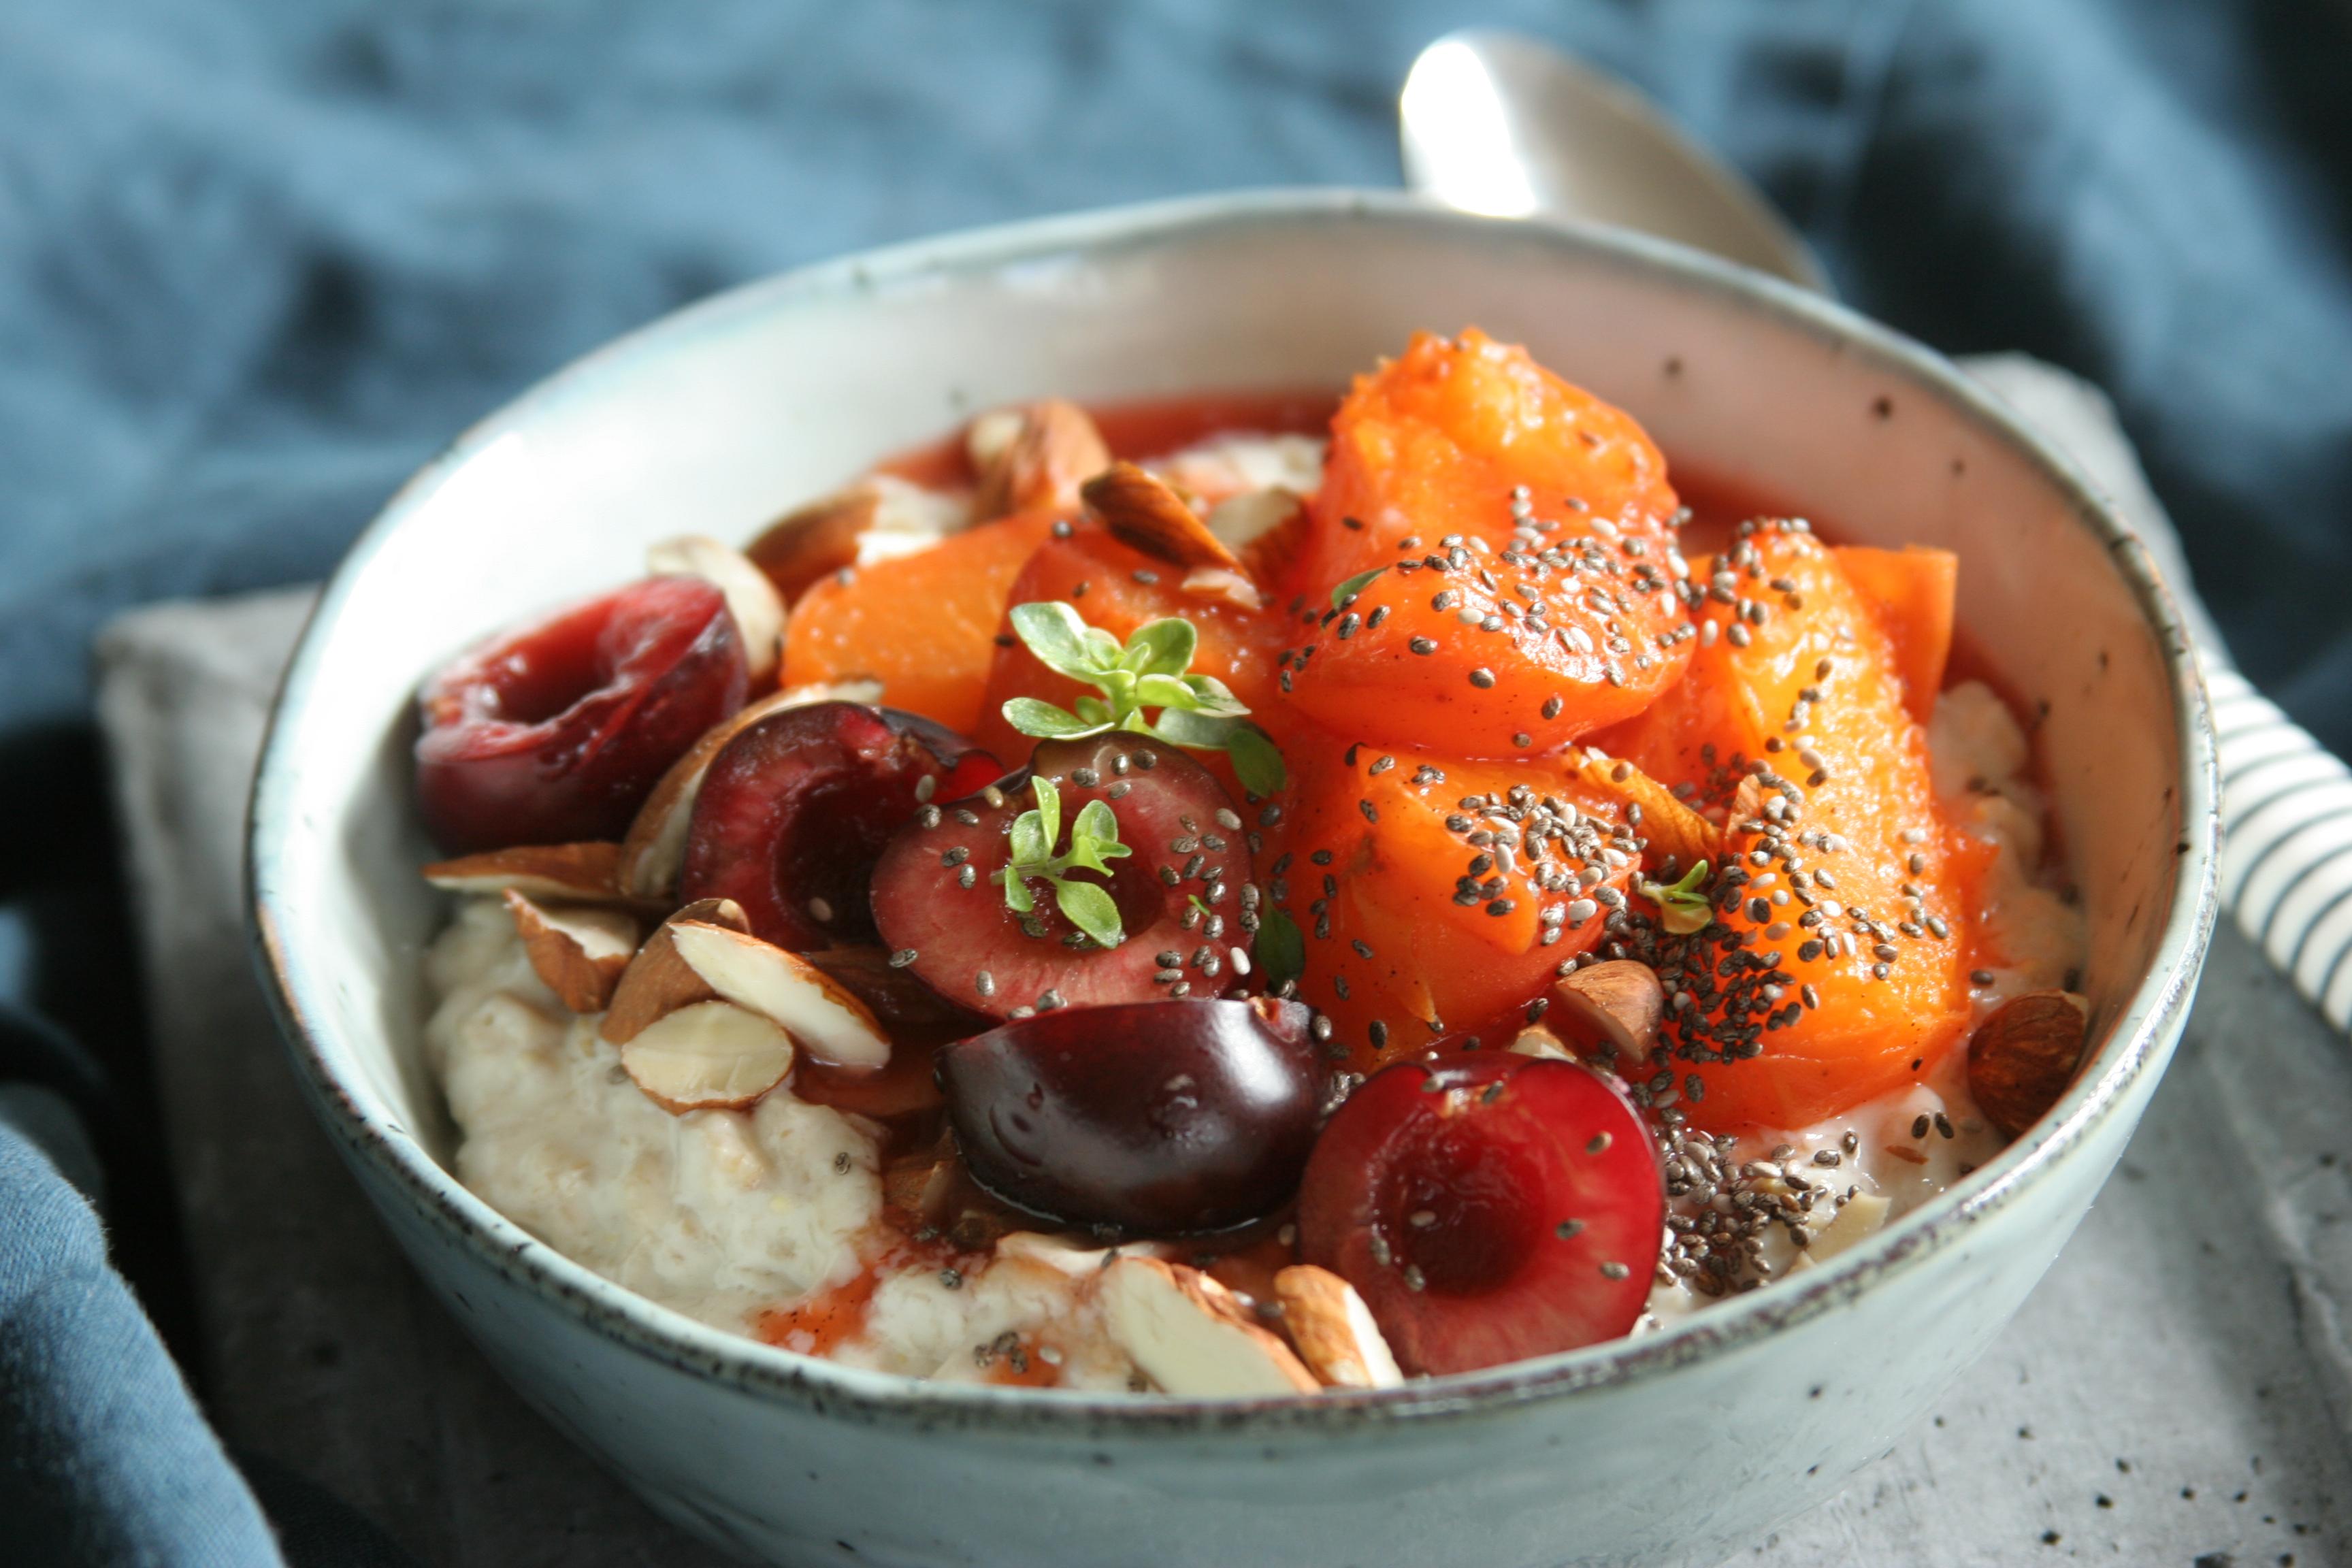 Jogurtová kaše s tymiánem a svařenými meruňkami